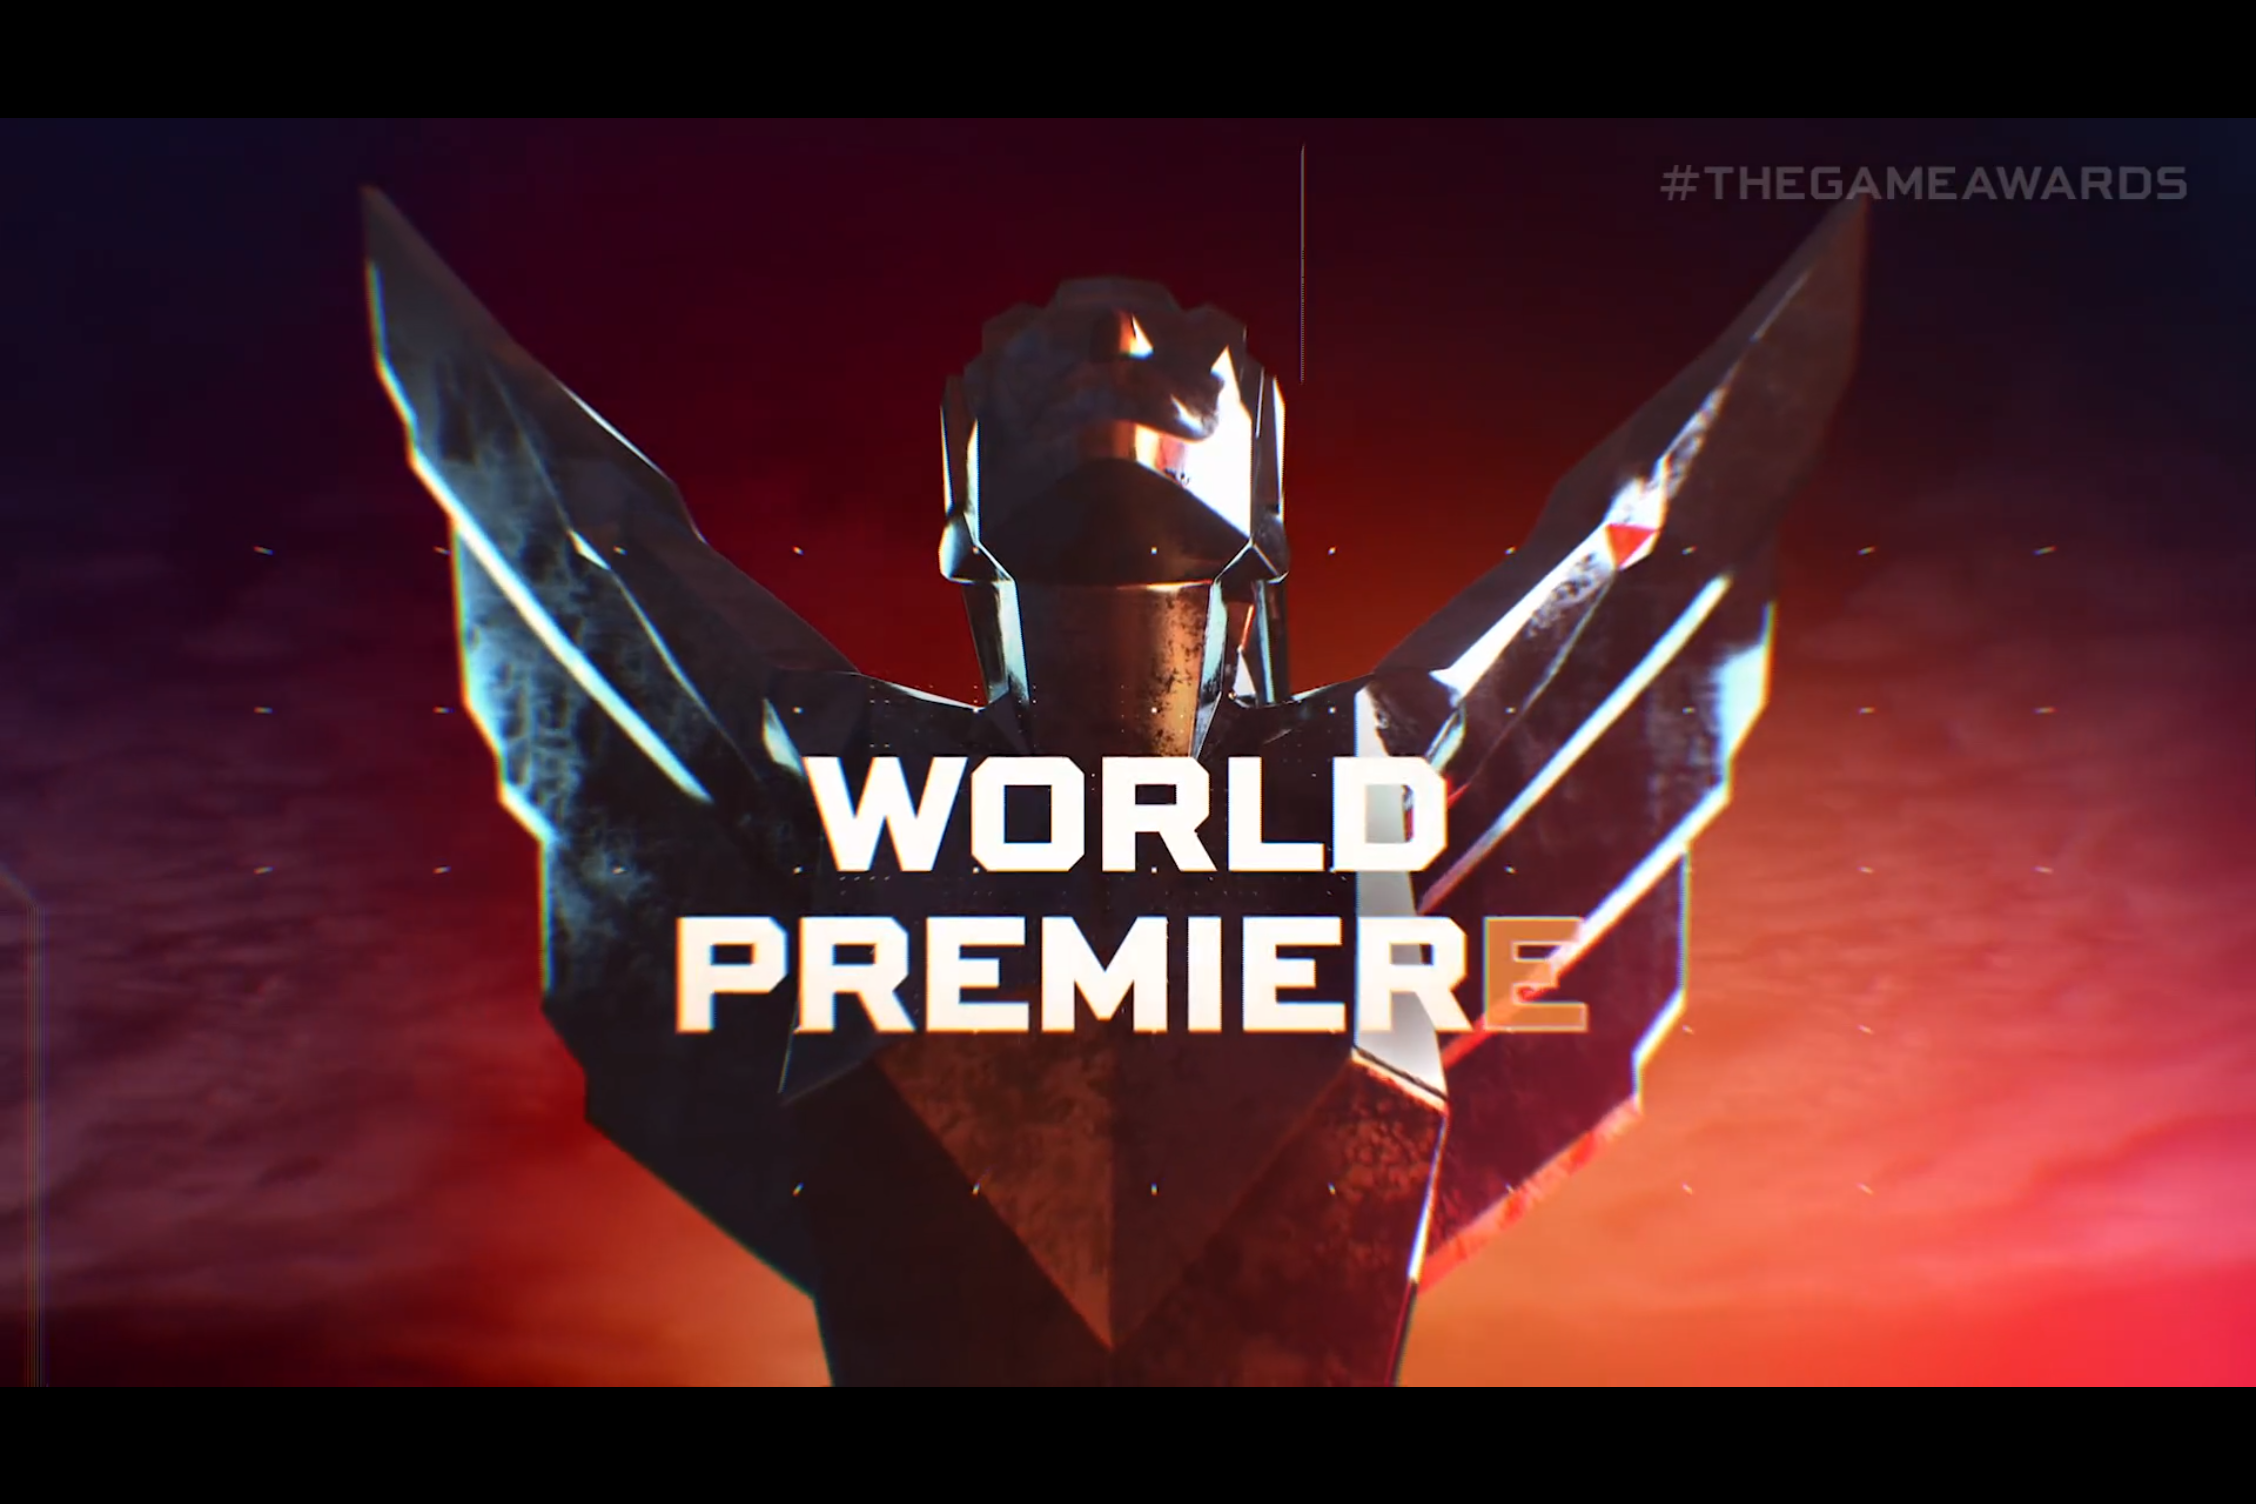 World Premiere